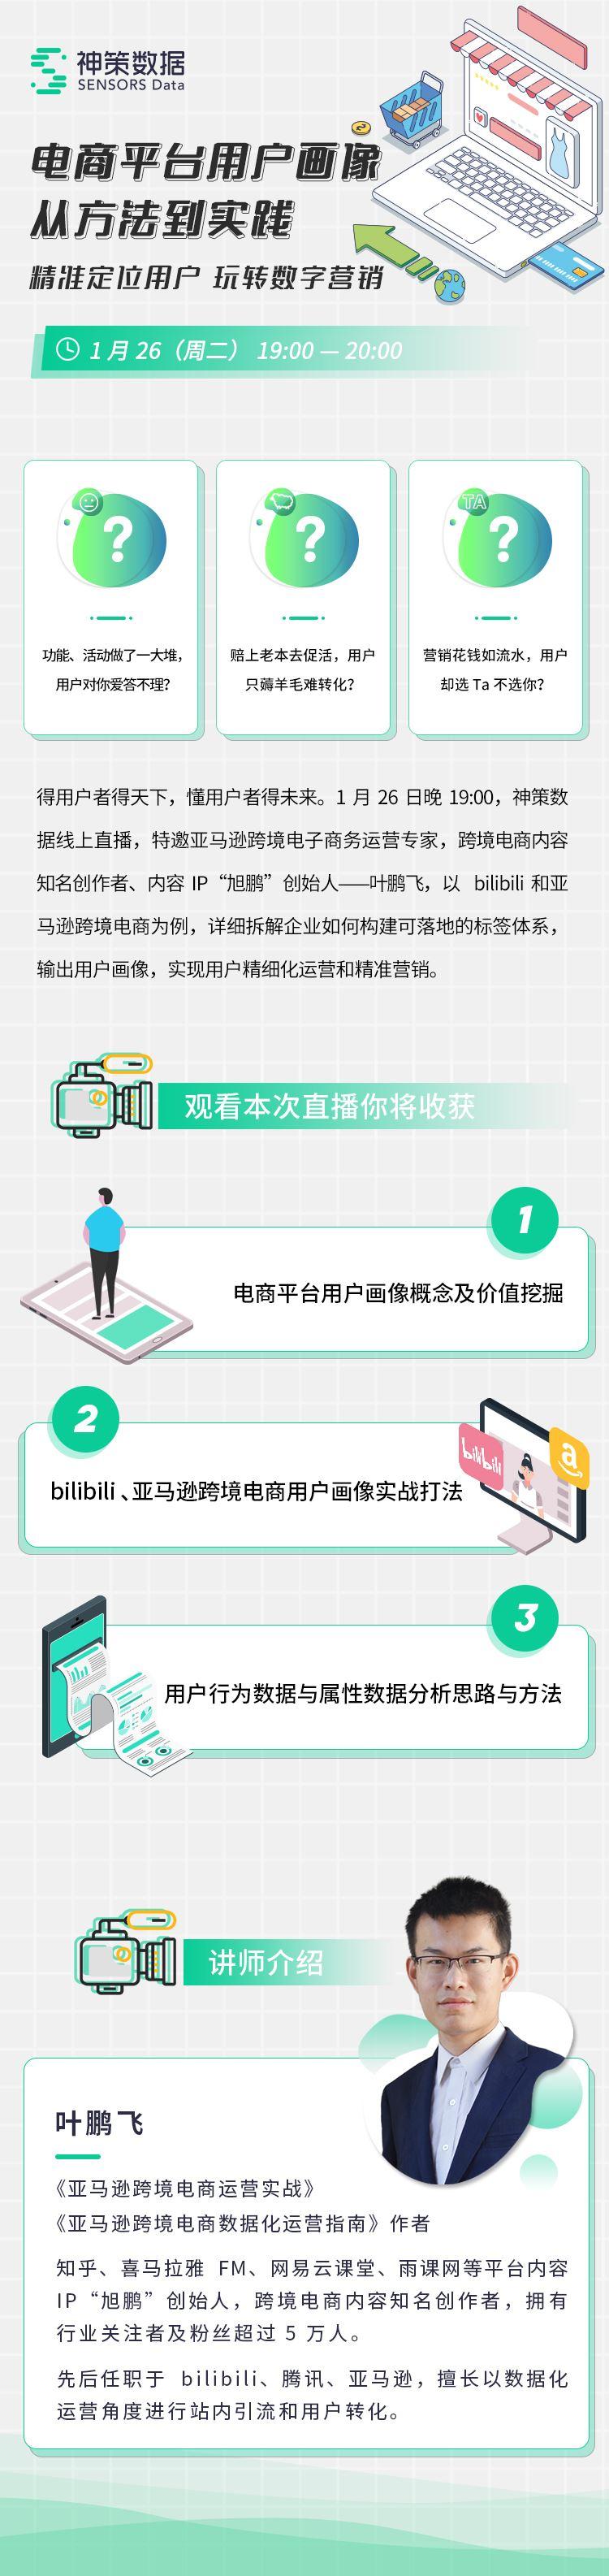 长图无码-电商平台用户画像,从方法到实践(9).jpg